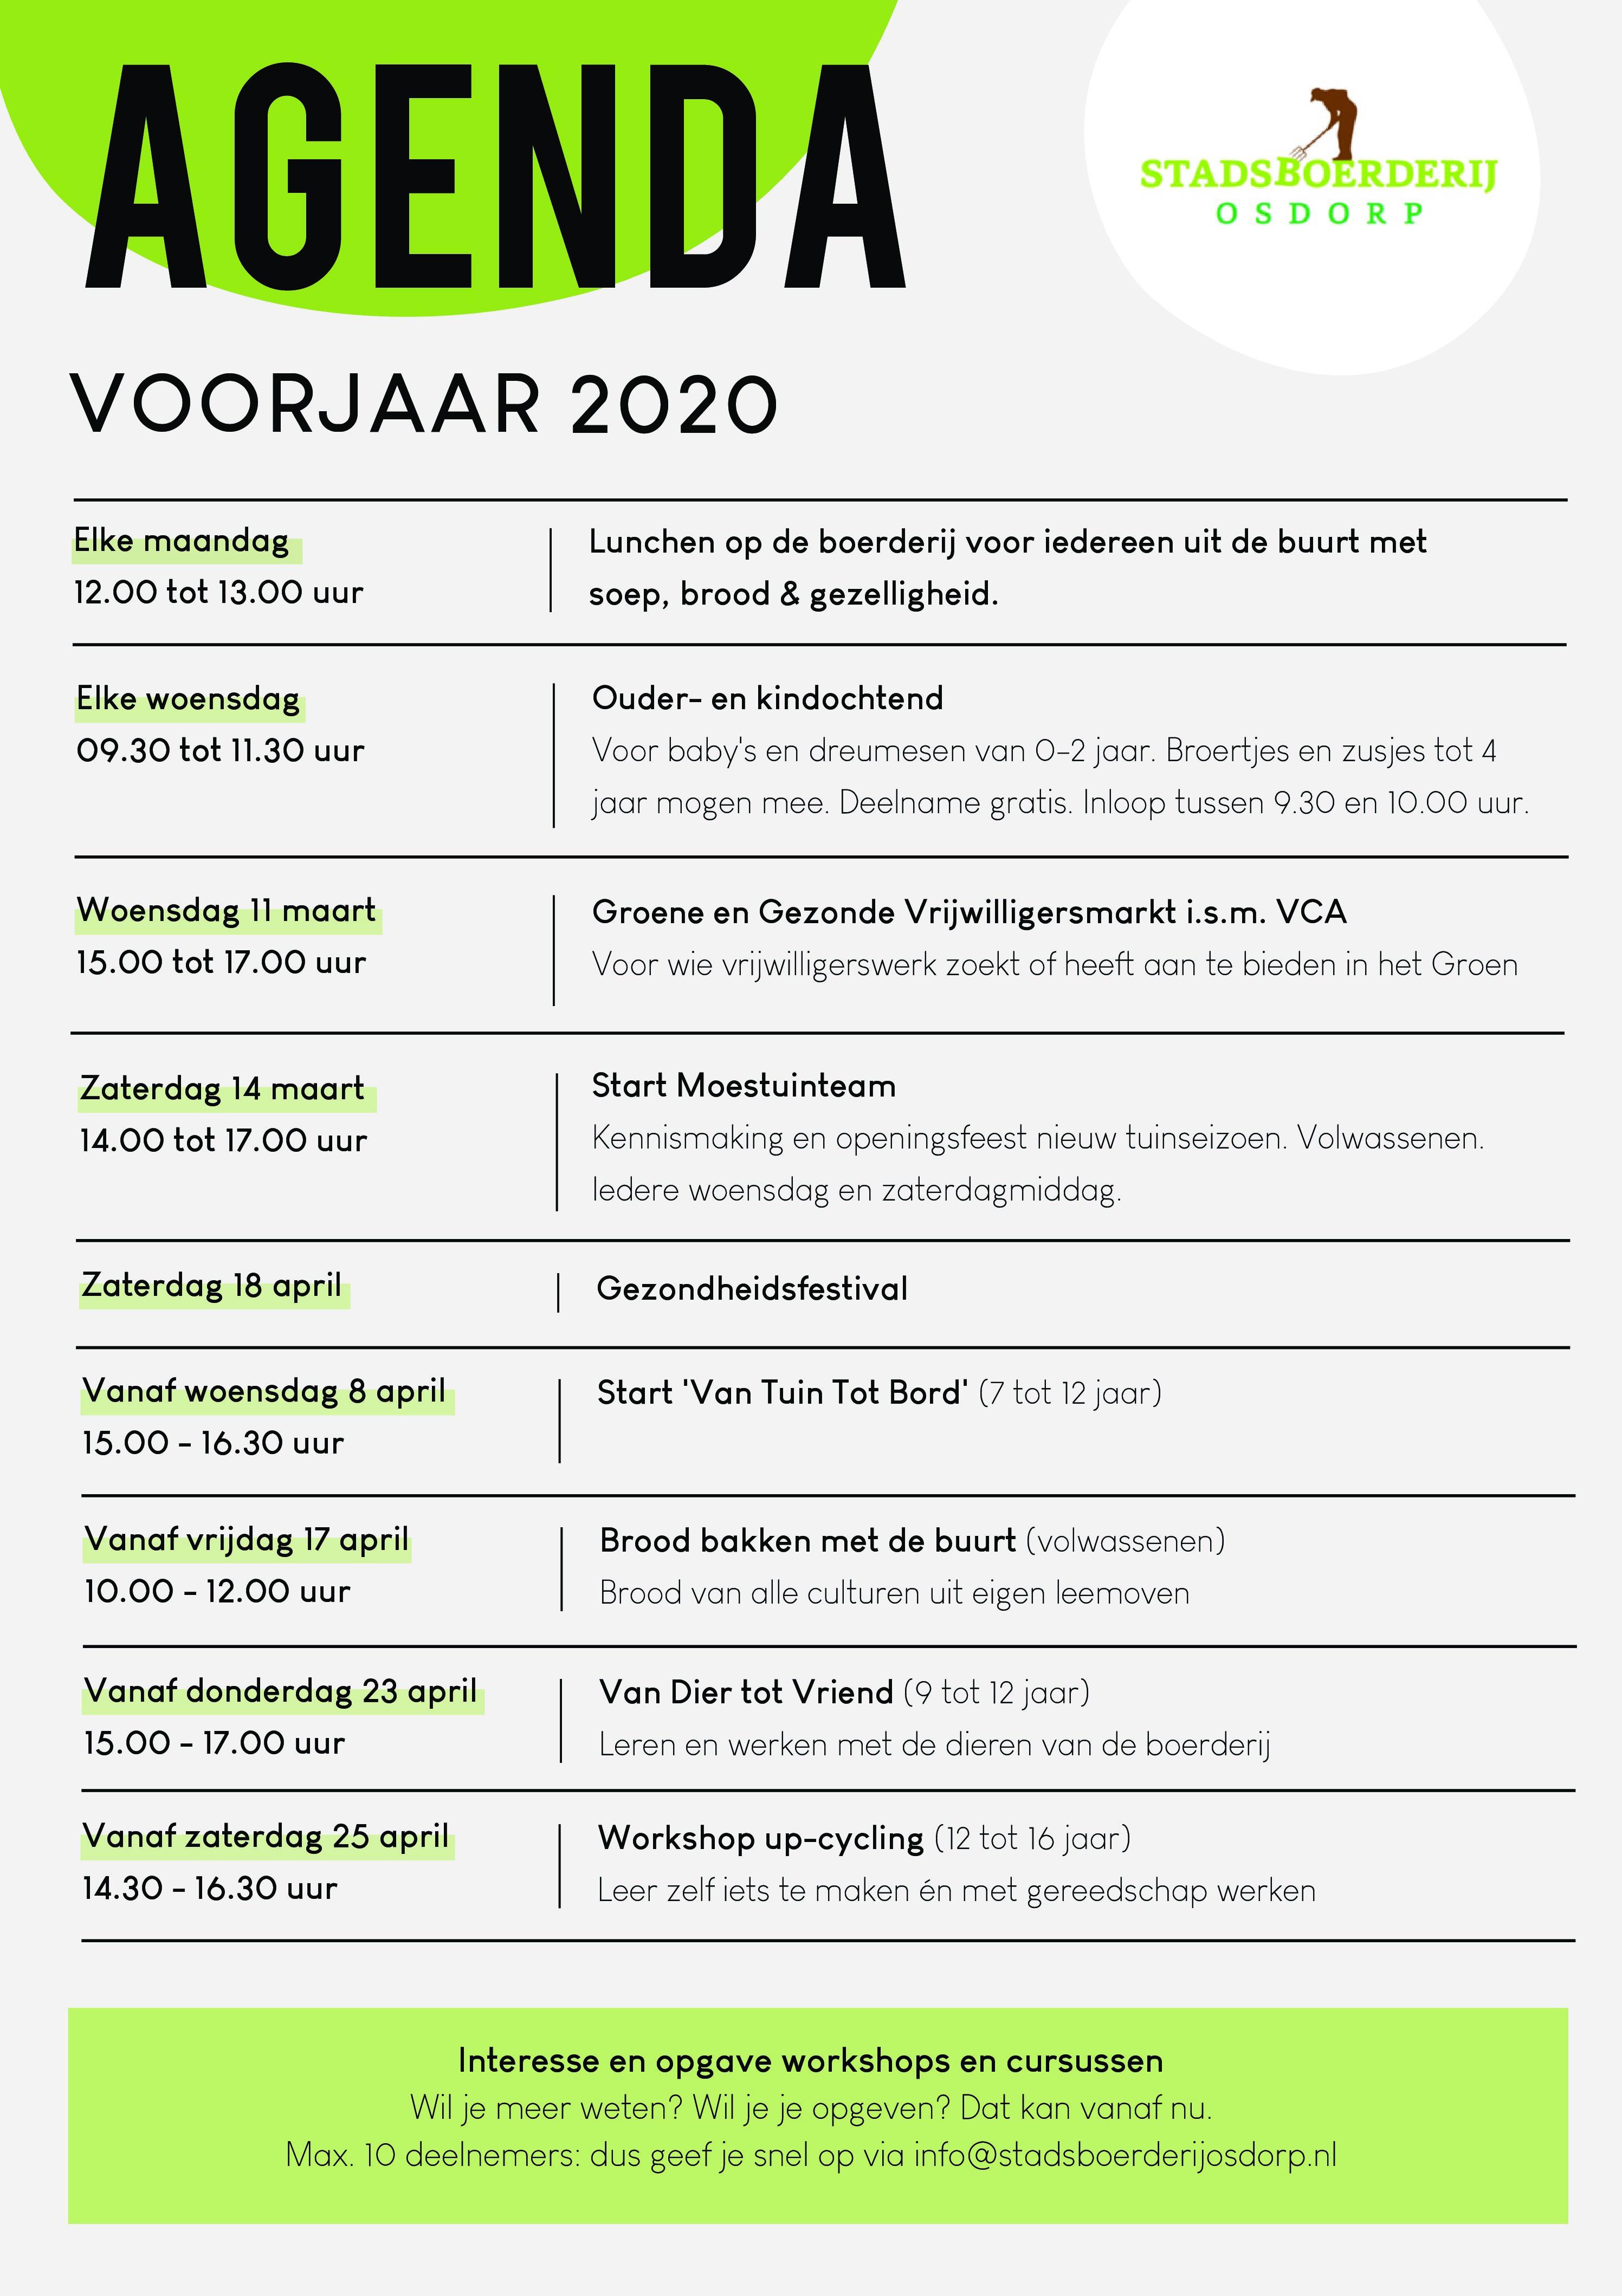 AGENDA VOORJAAR 2020